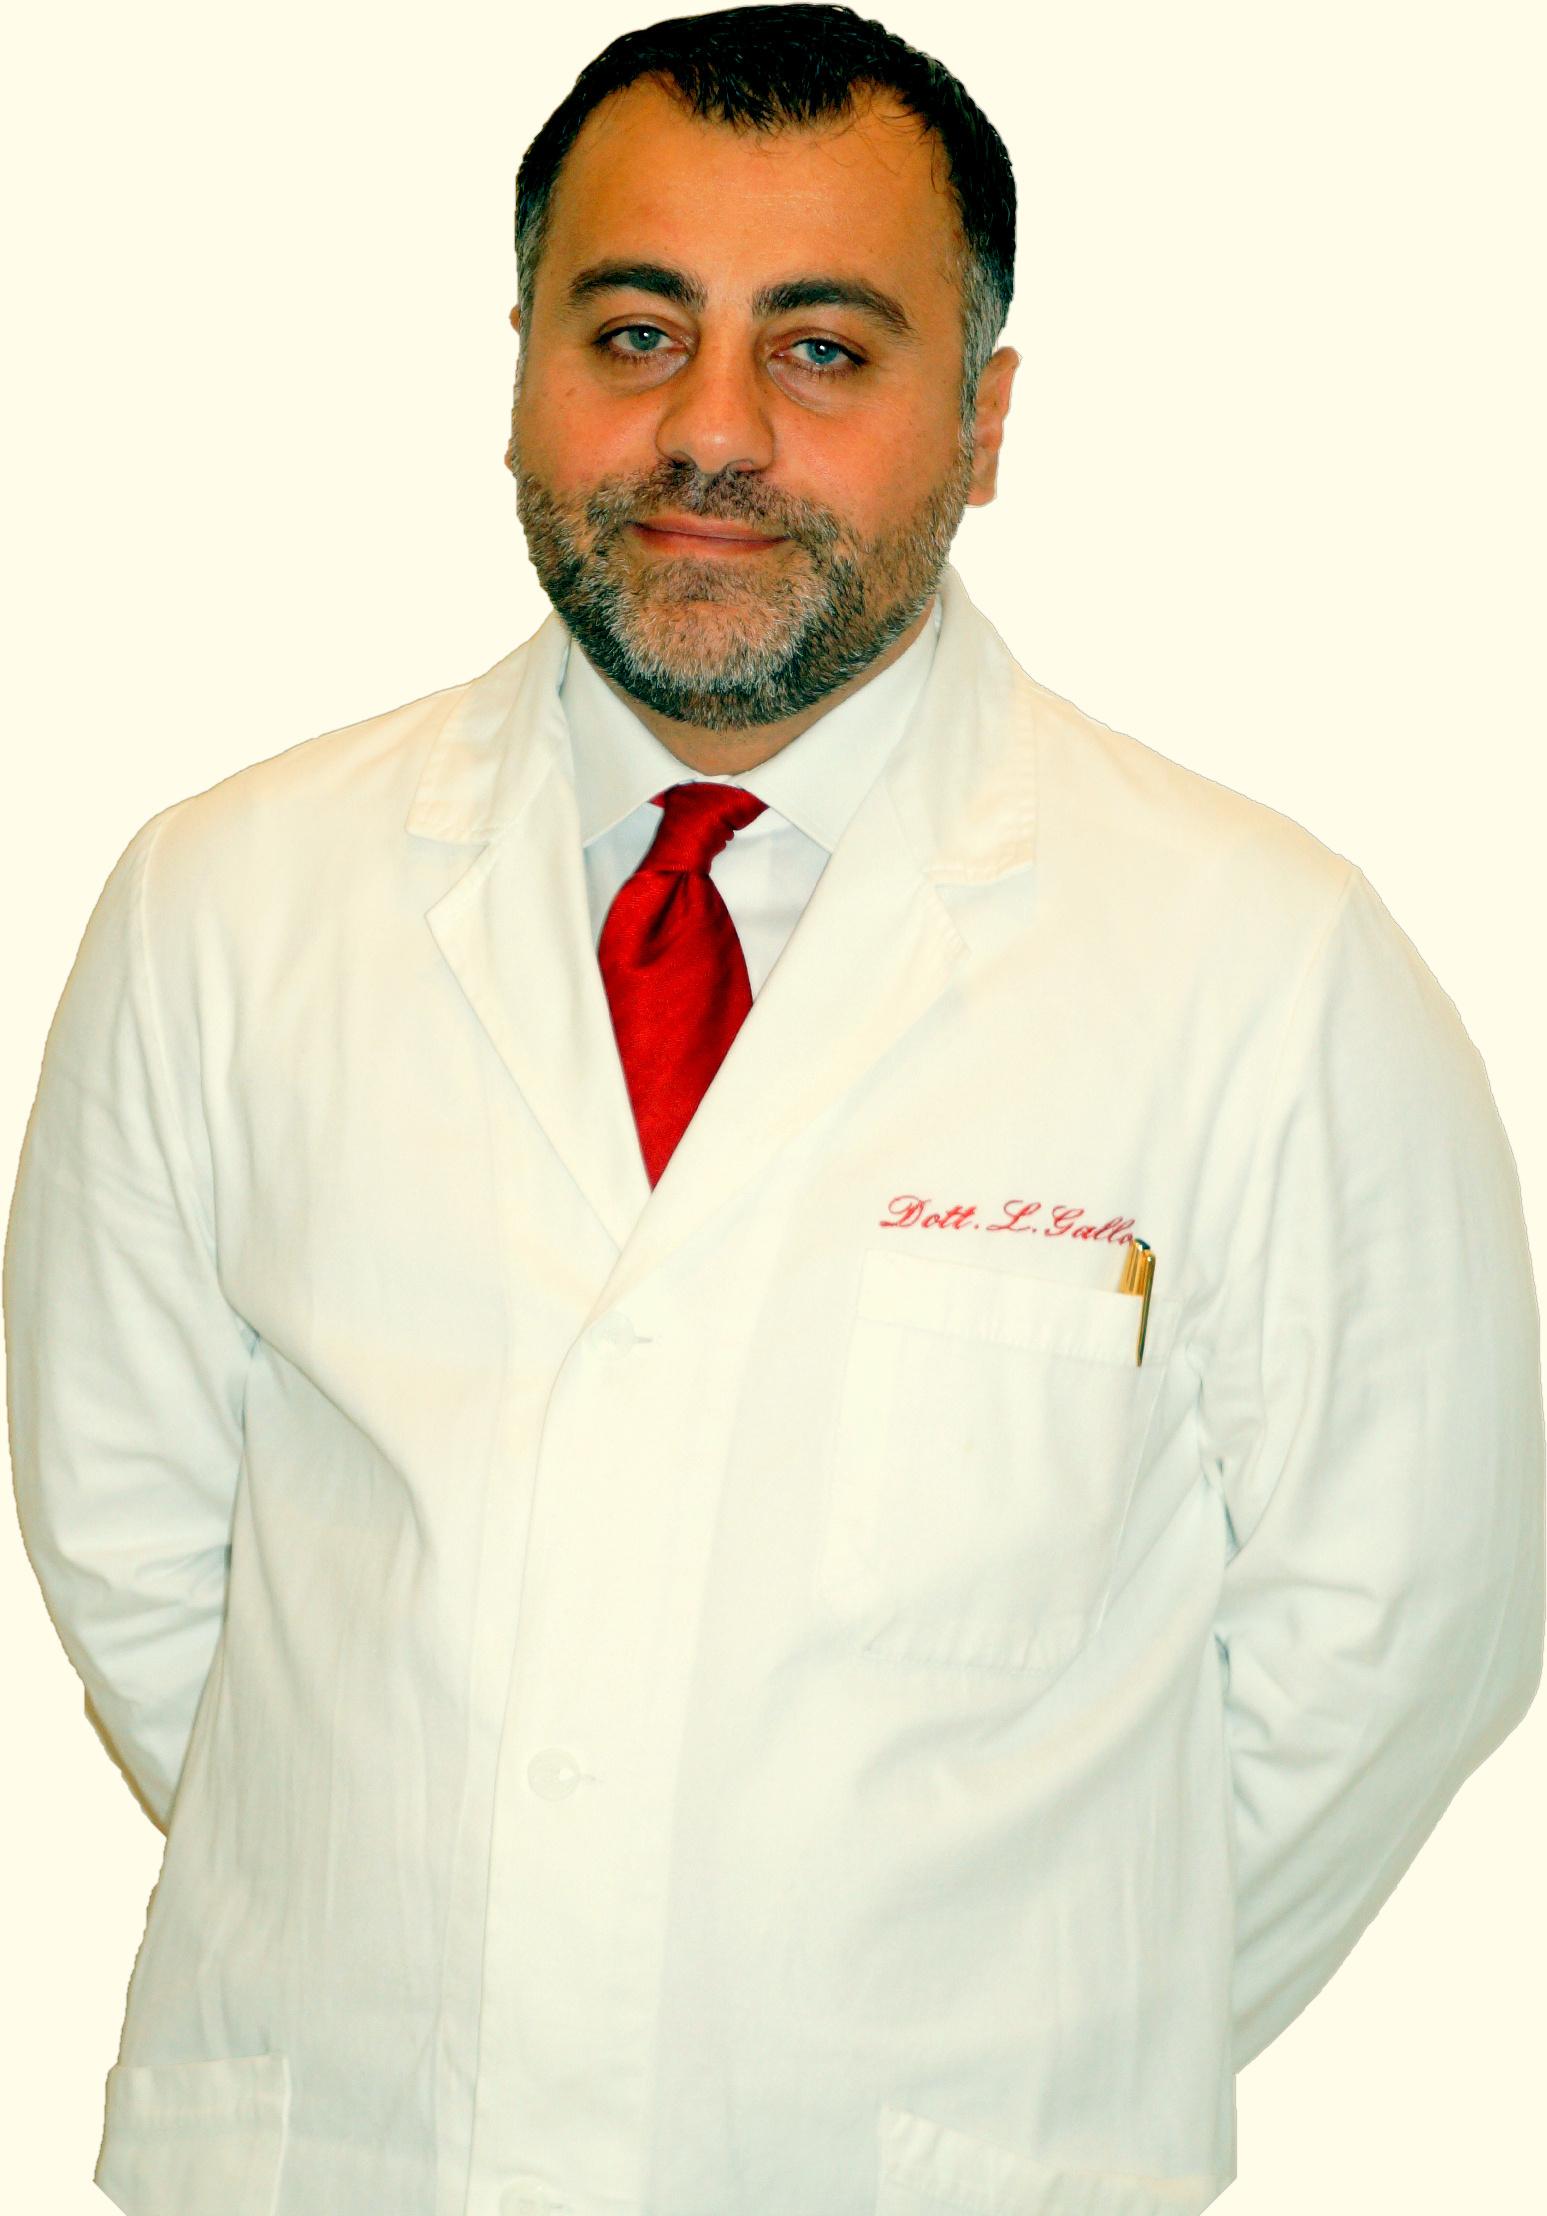 Urologo Salerno